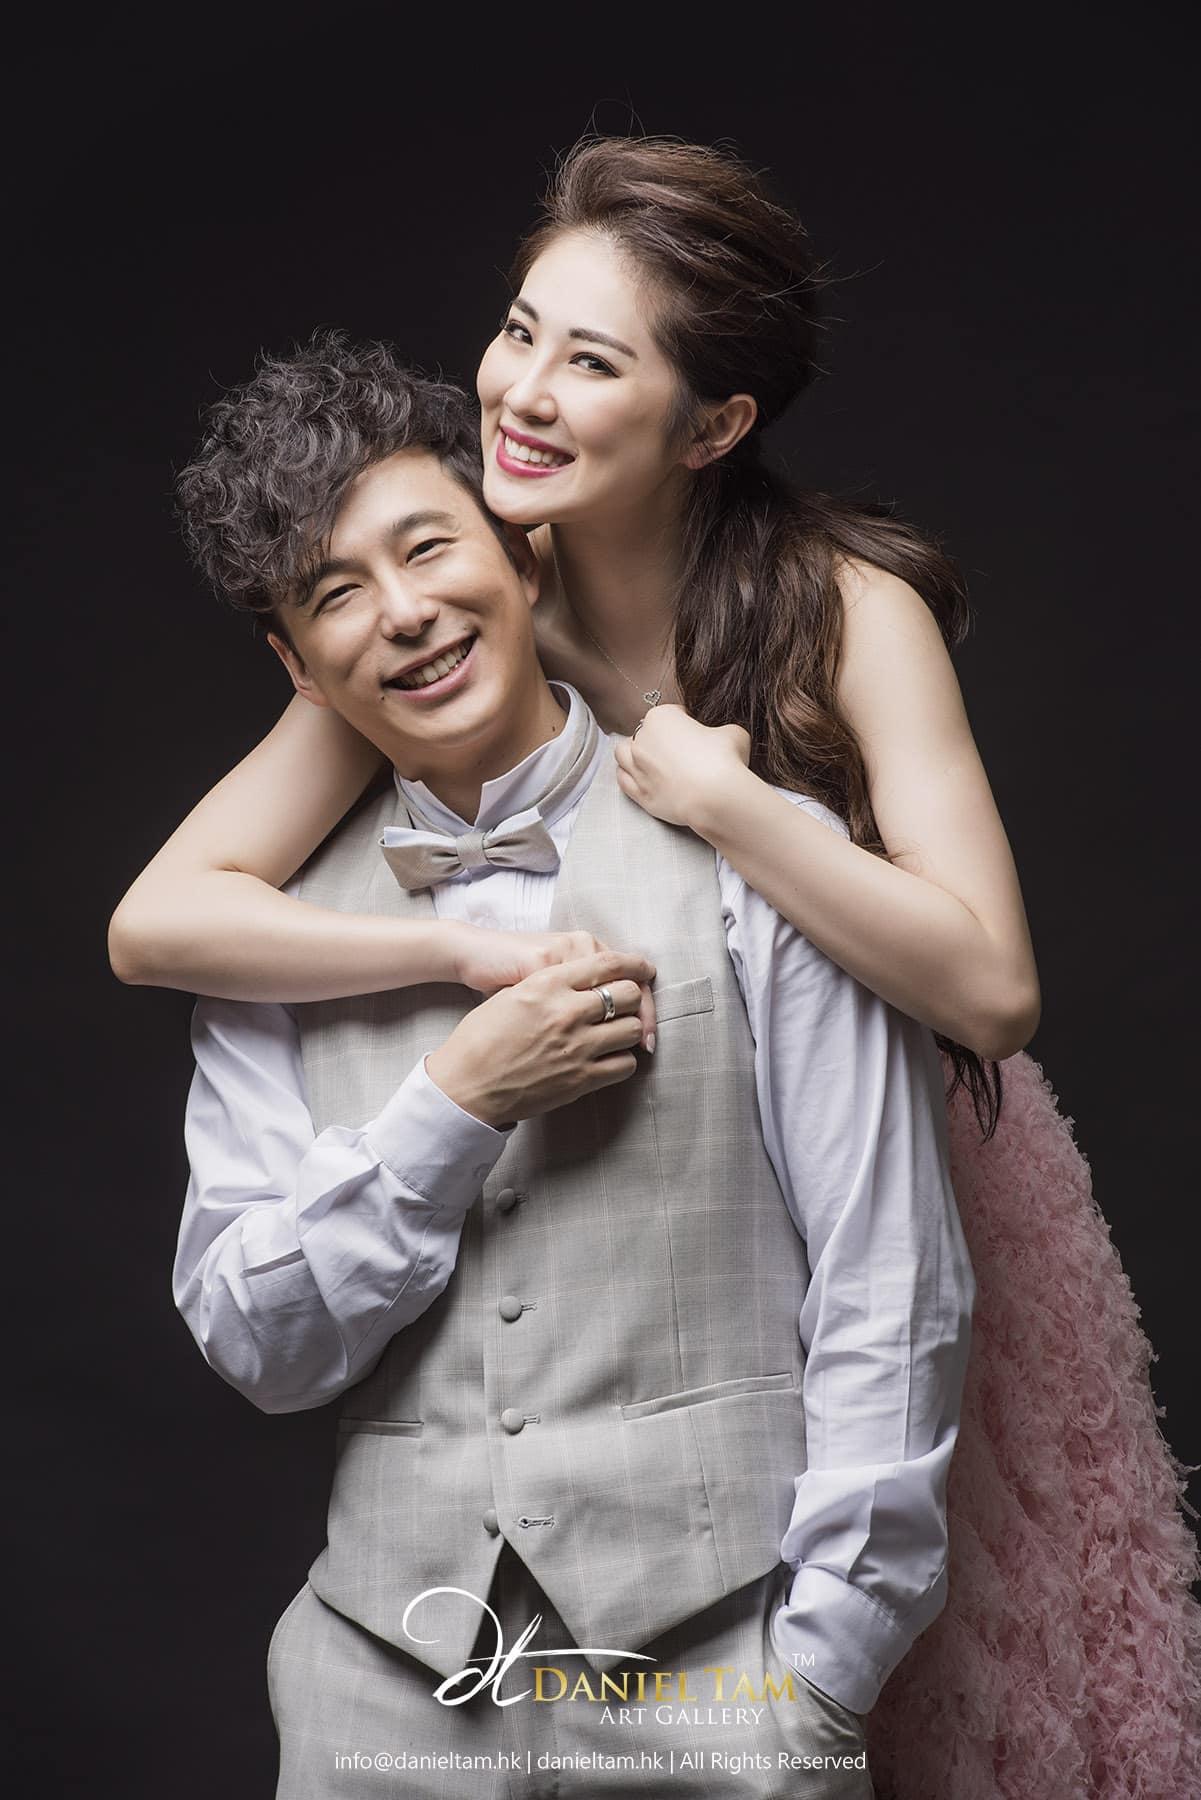 鄧健泓石詠莉婚紗照01-daniel tam-R